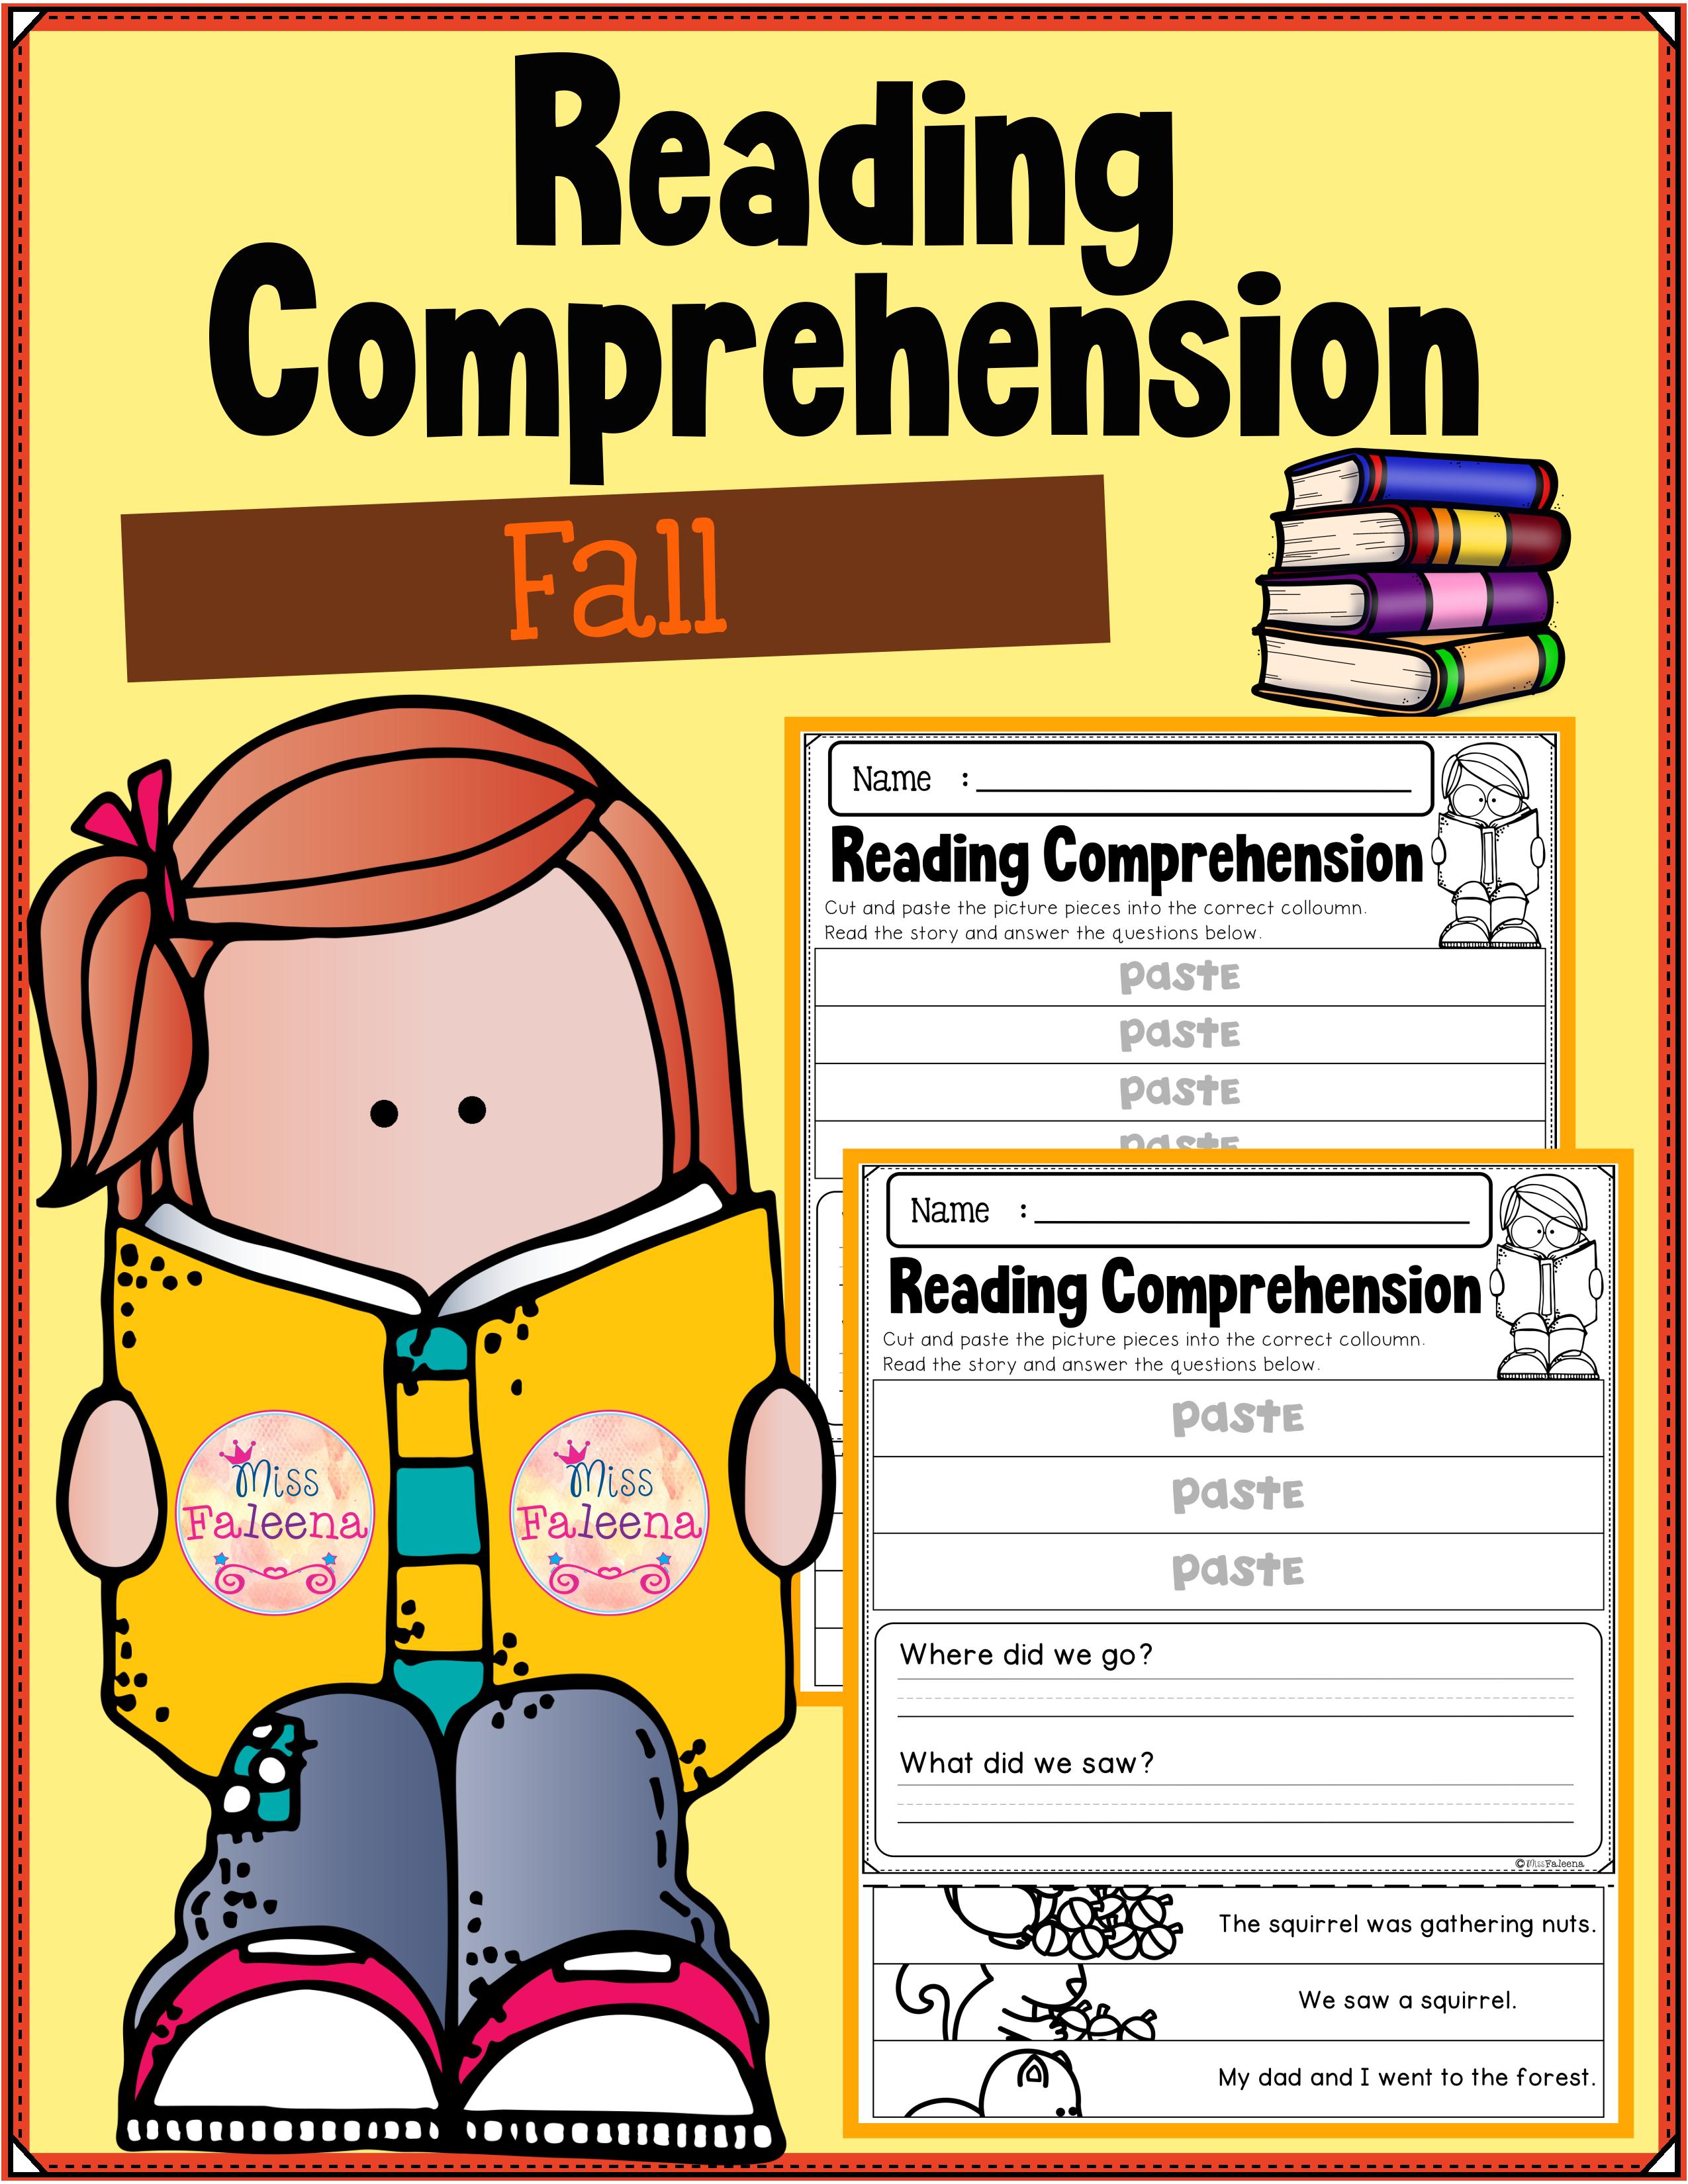 Fall Reading Comprehension Puzzles Dengan Gambar